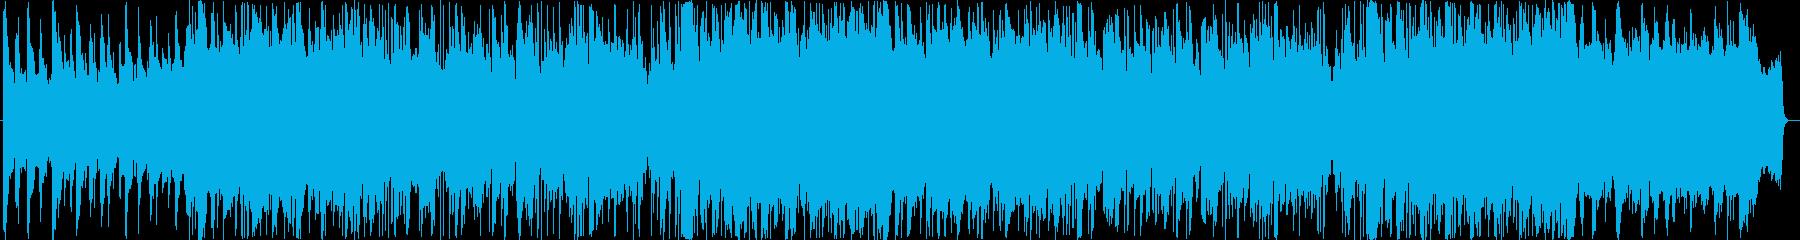 アコギと琴が印象的な和風バラードの再生済みの波形